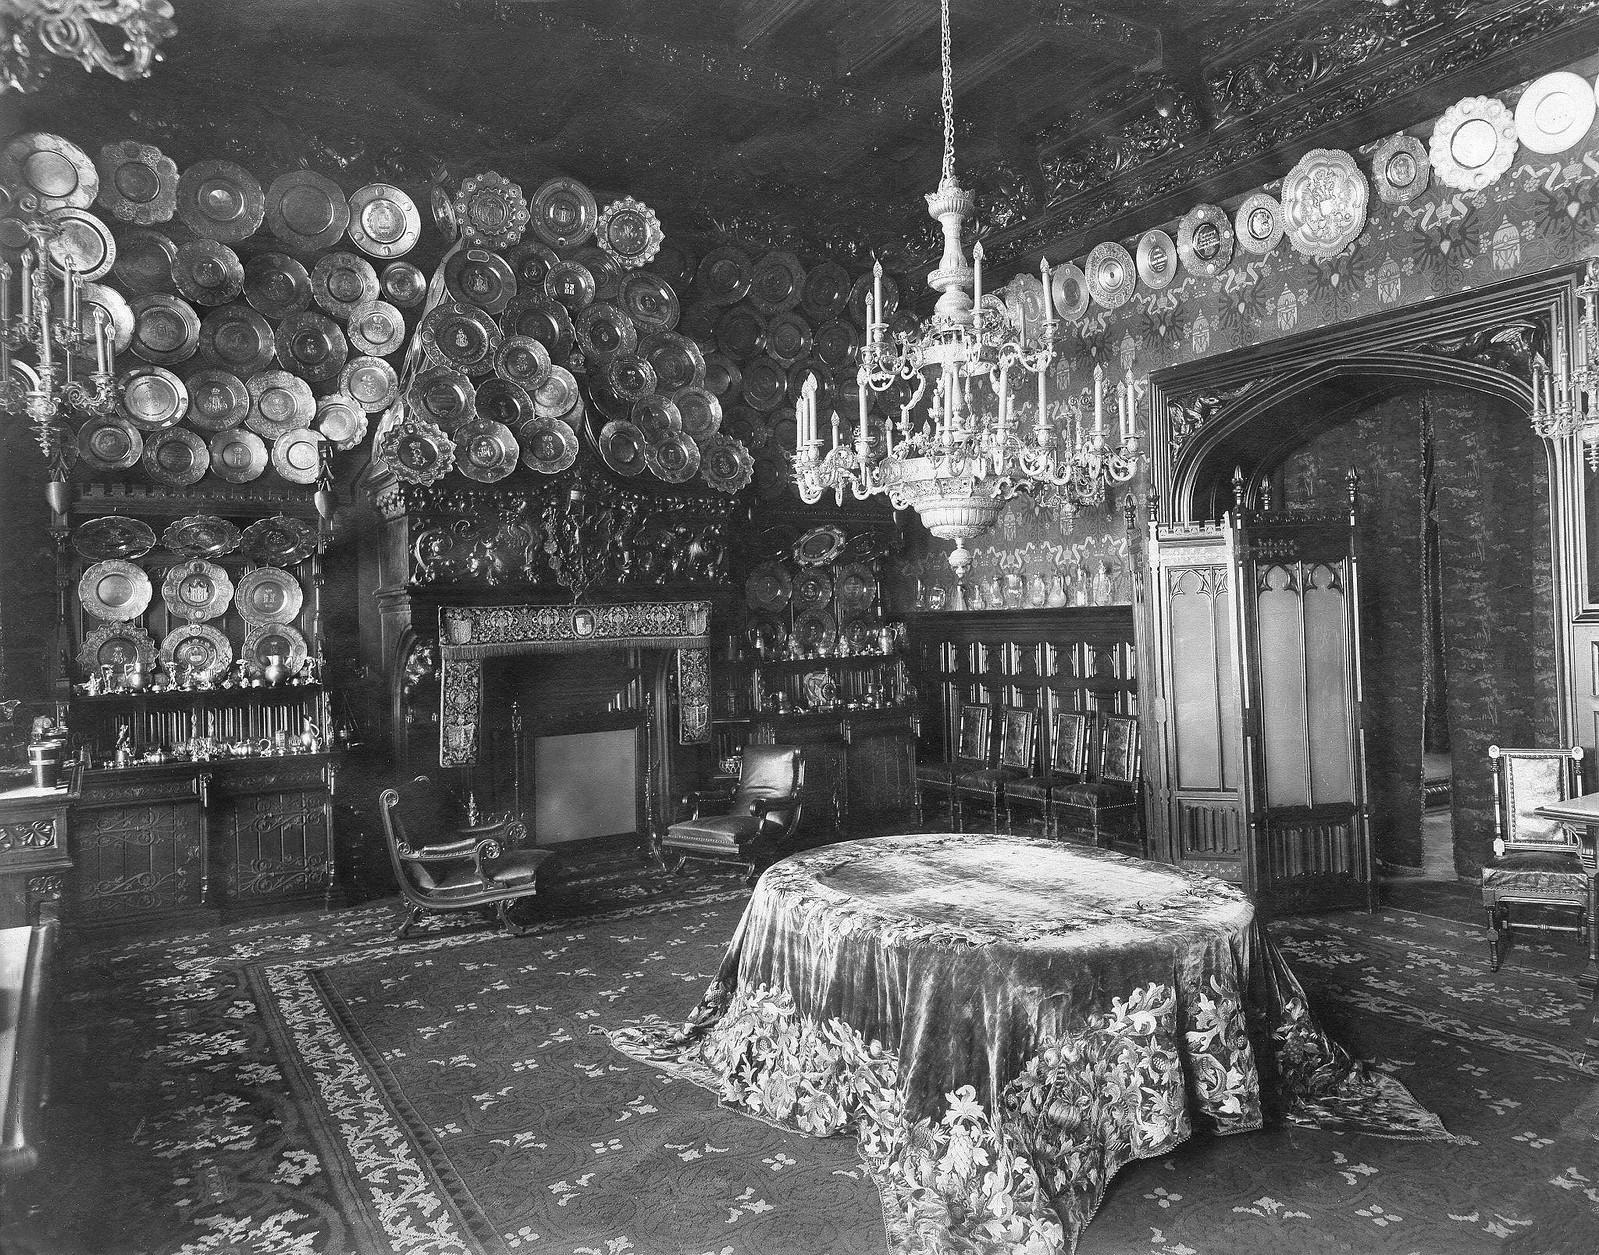 77. 1910. Вид столовой во Владимирском дворце